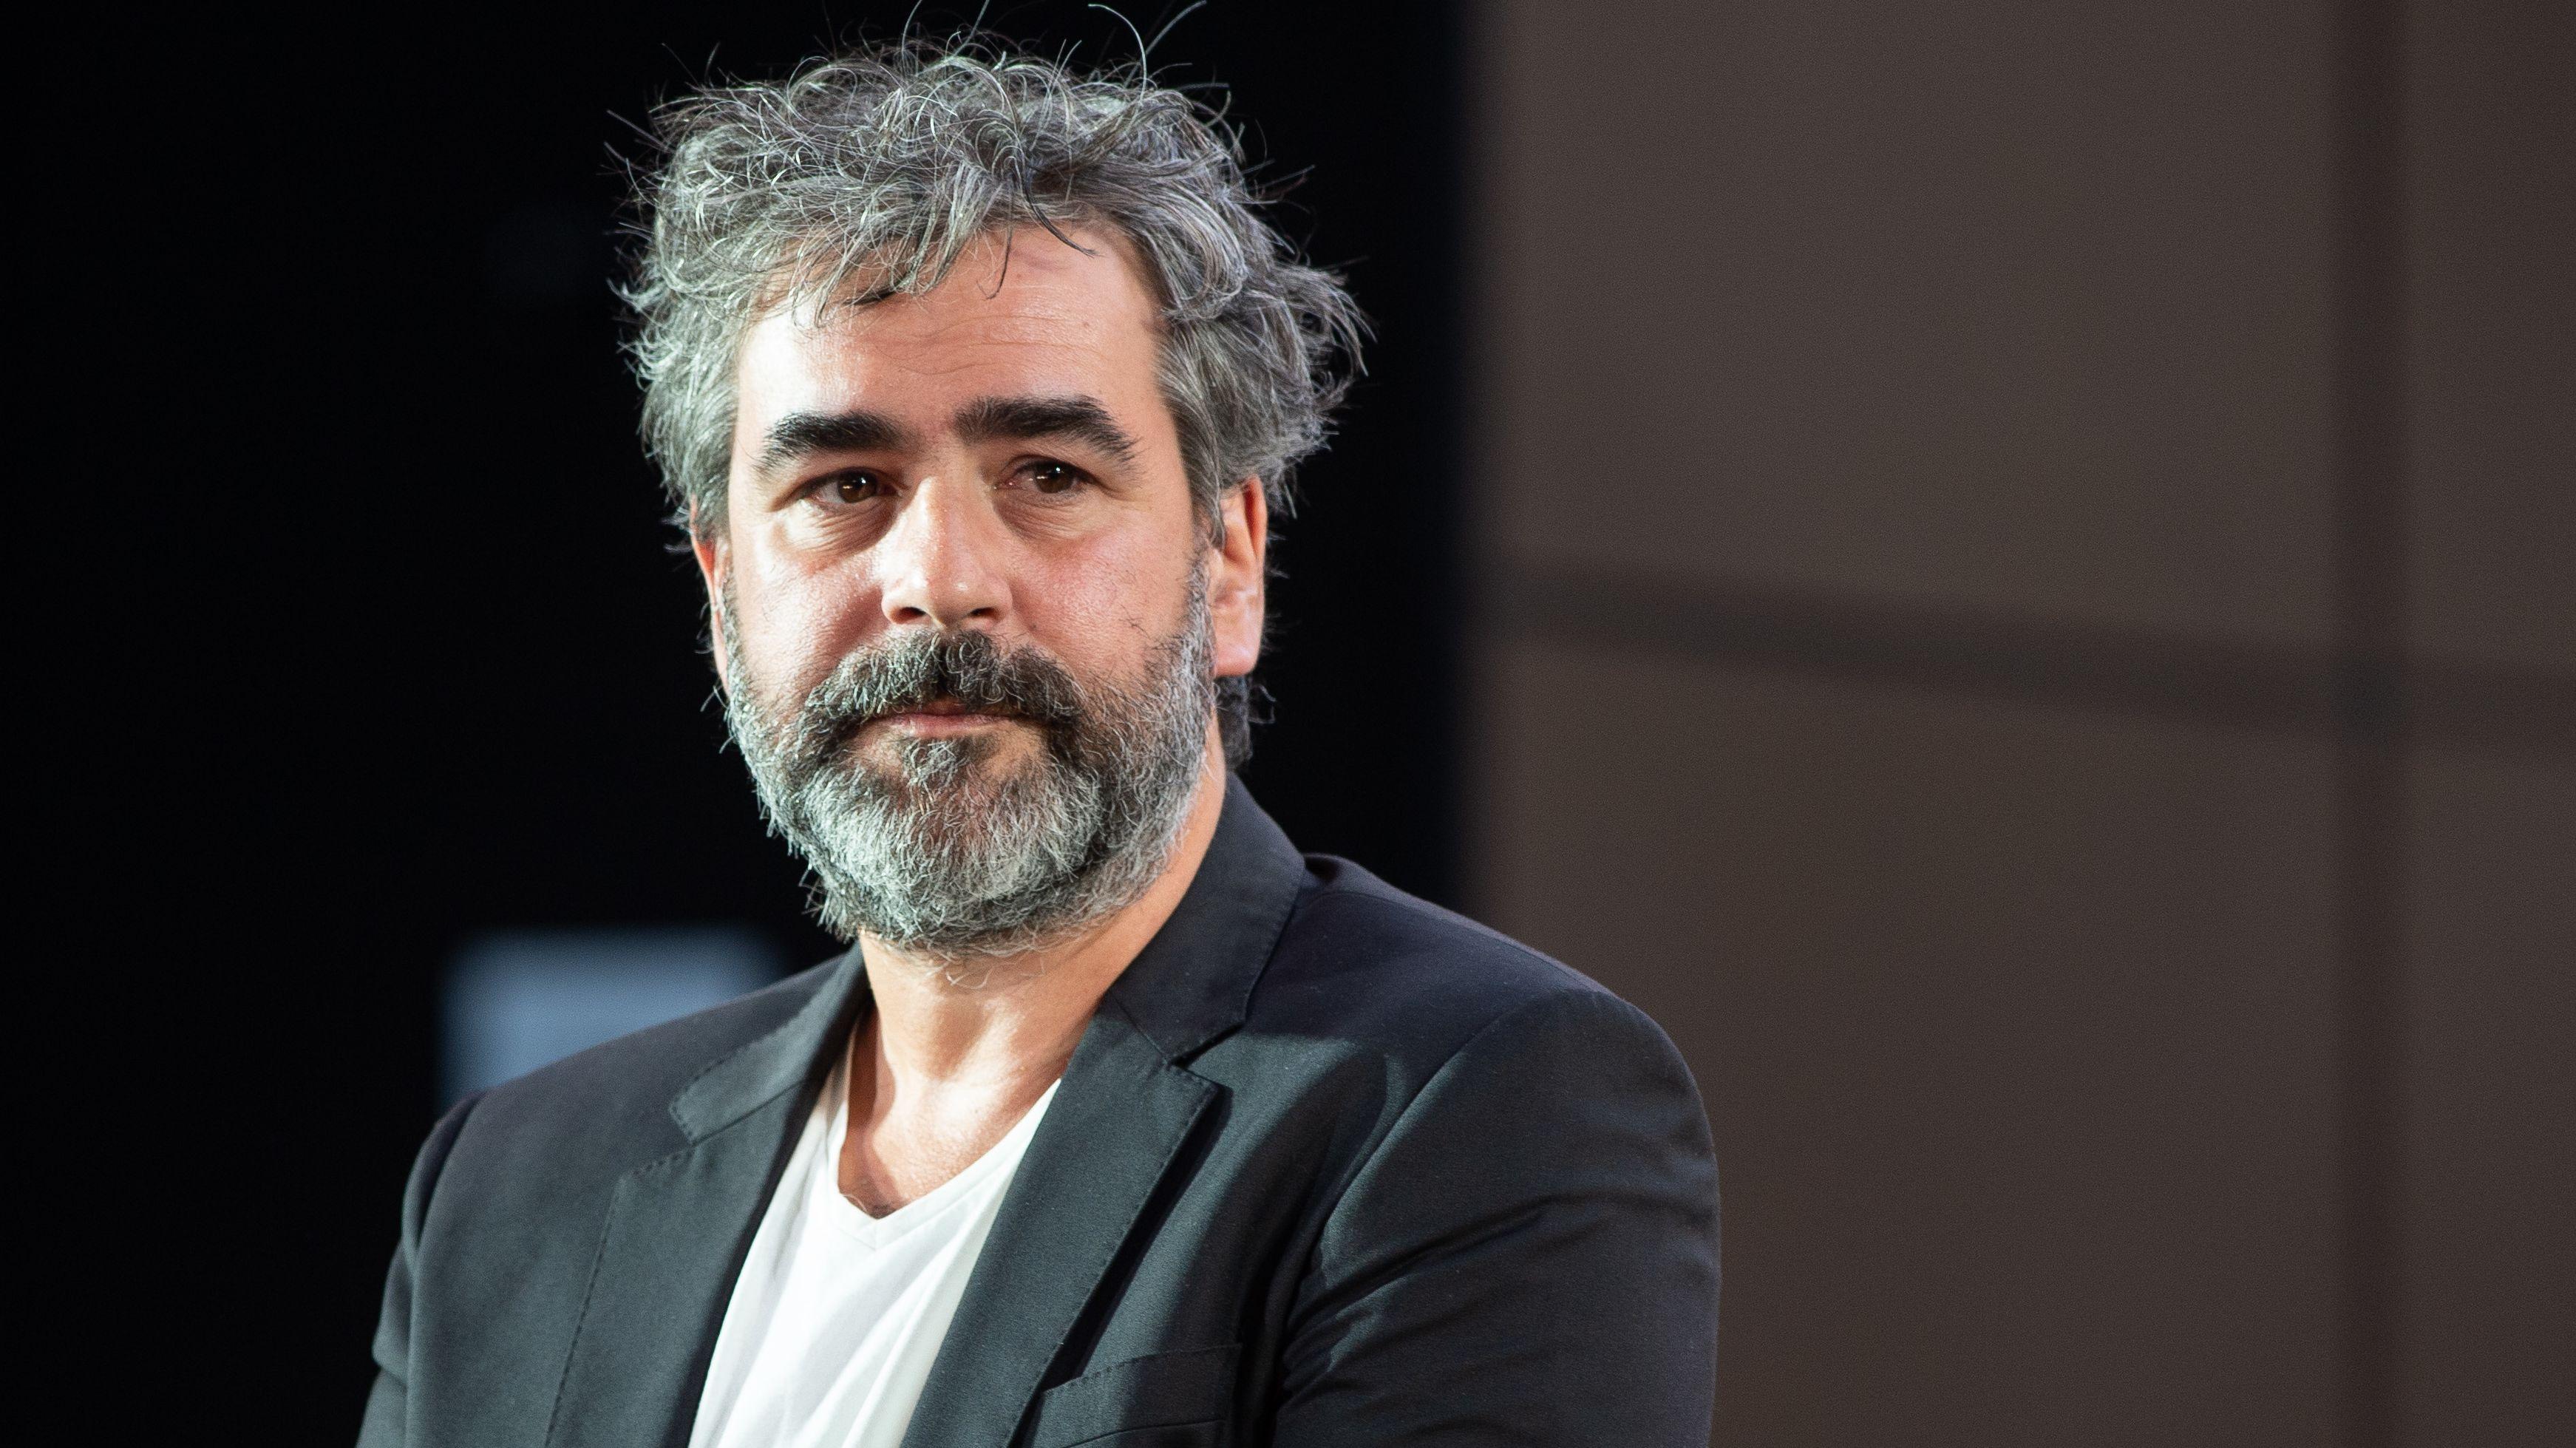 Deniz Yücel, deutsch-türkischer Journalist